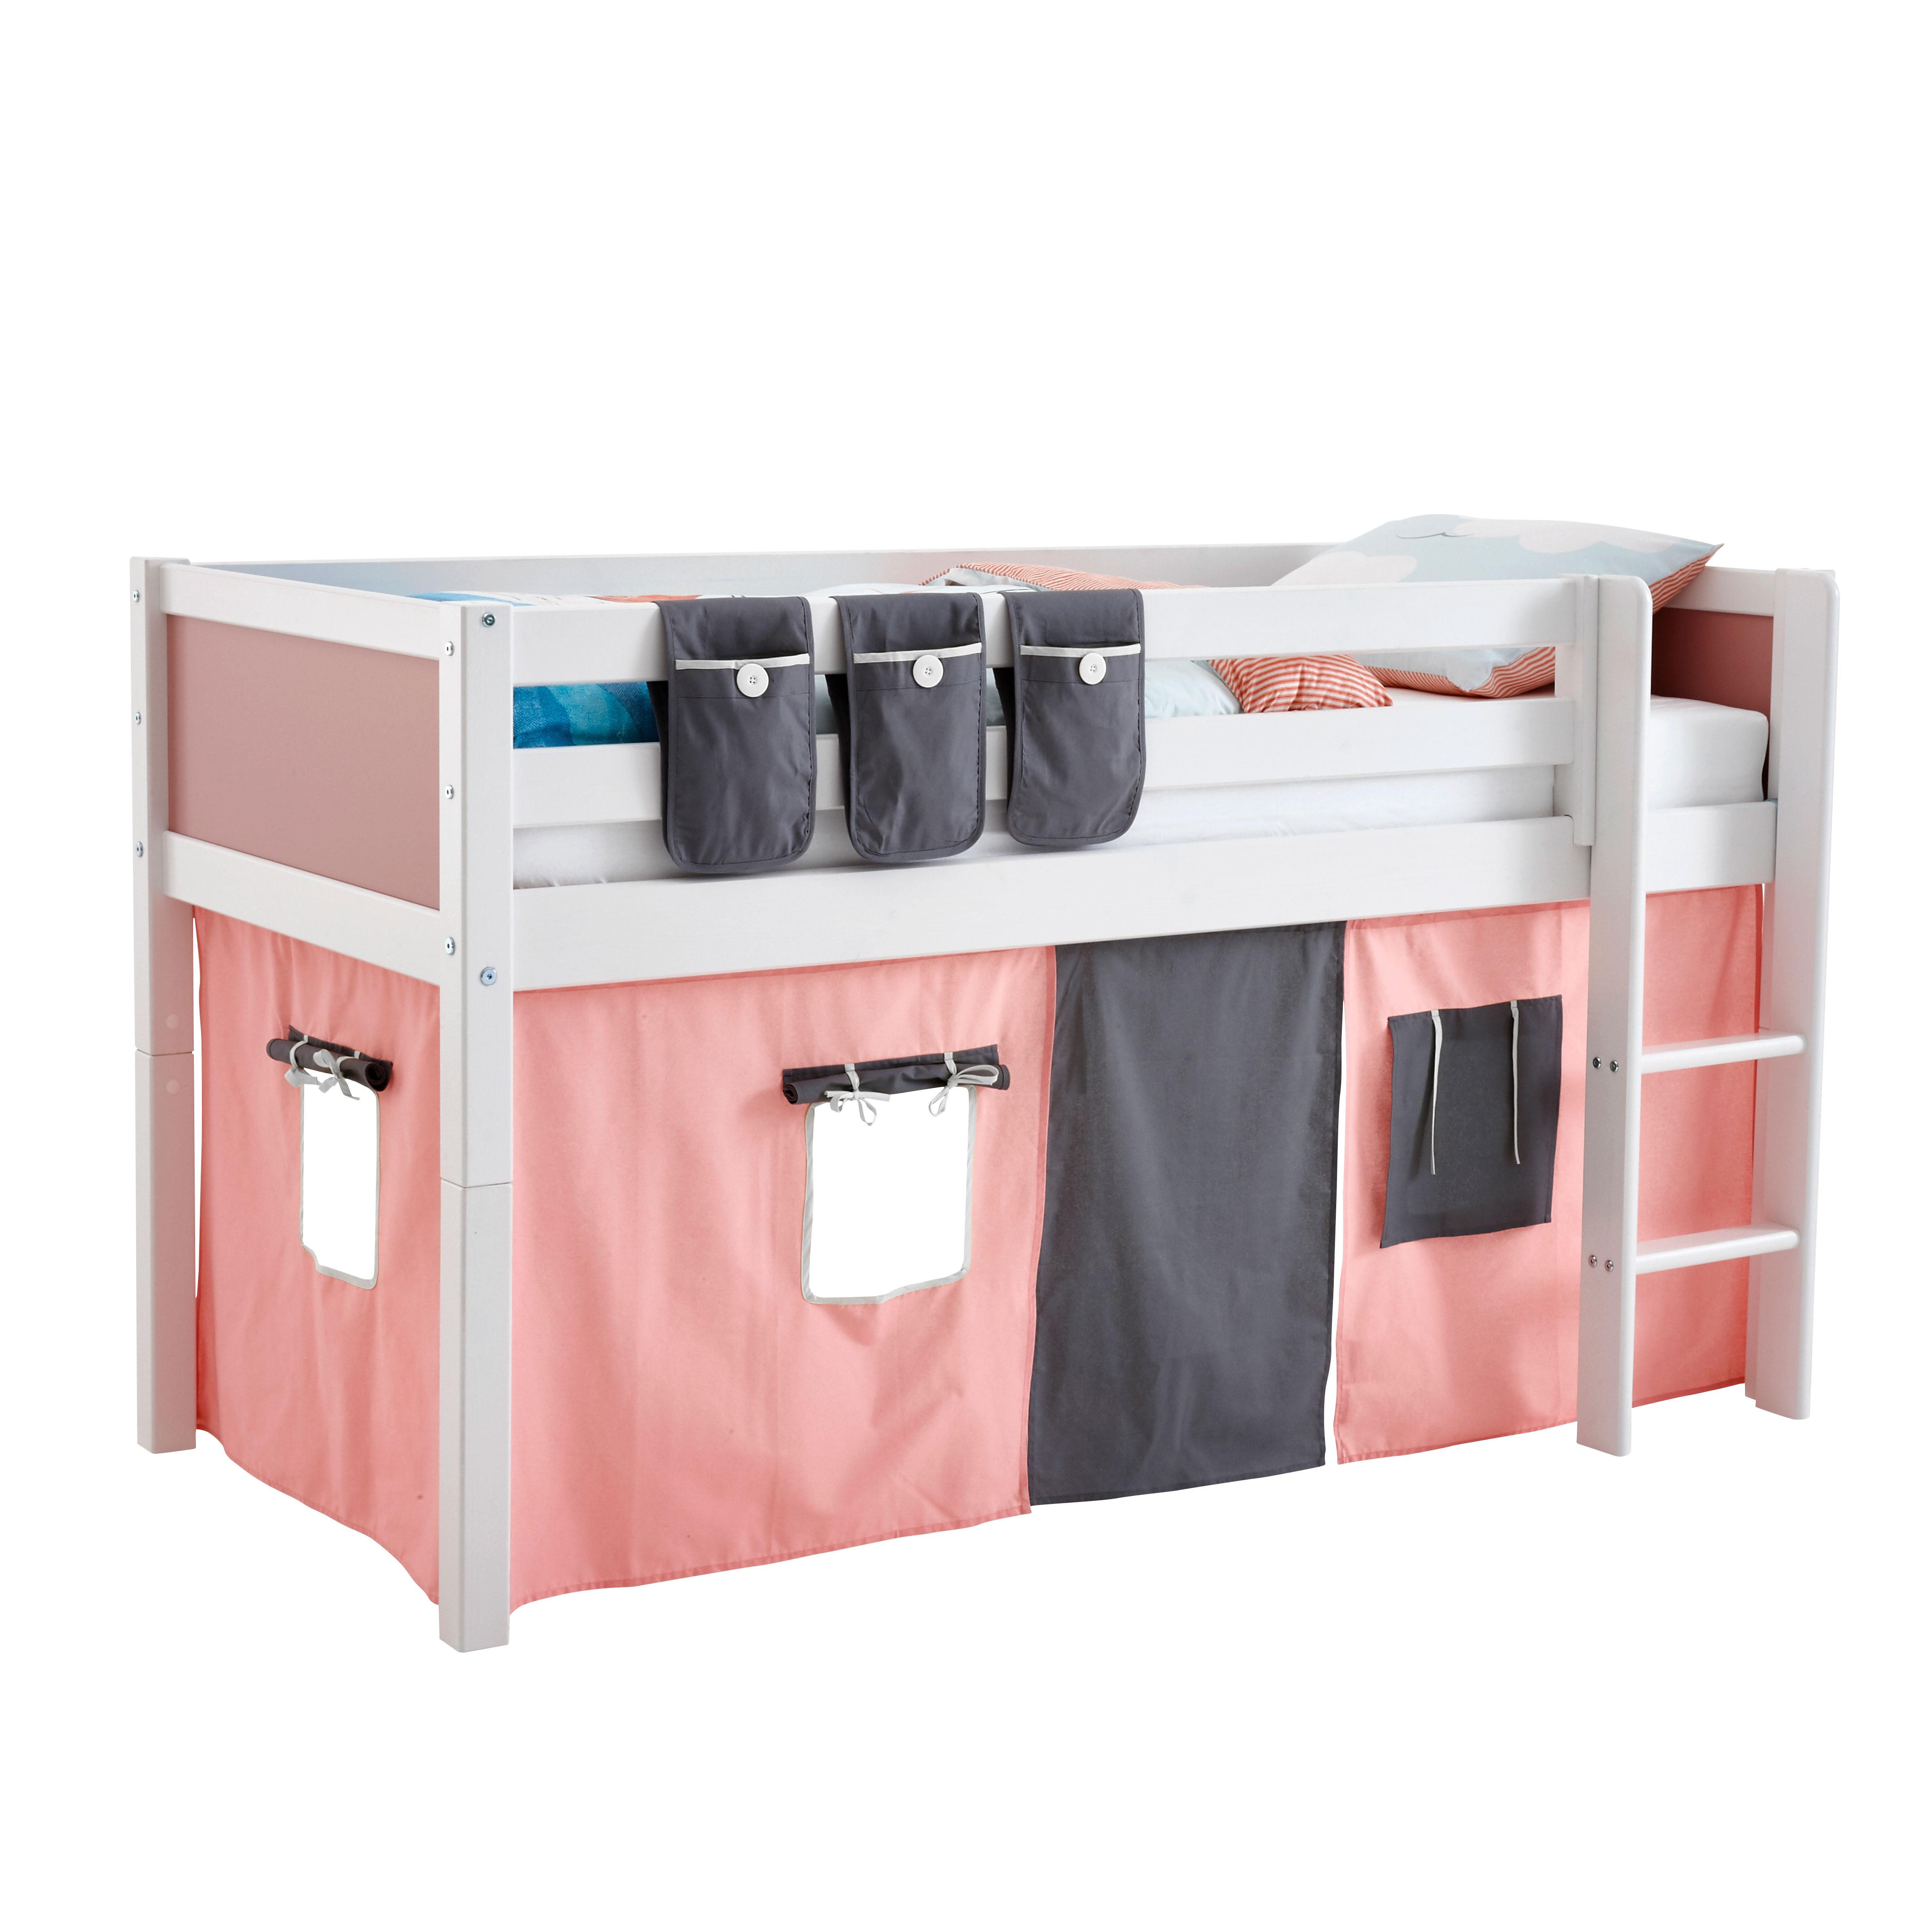 Flexa Basic legeforhæng til halvhøj seng - Pink